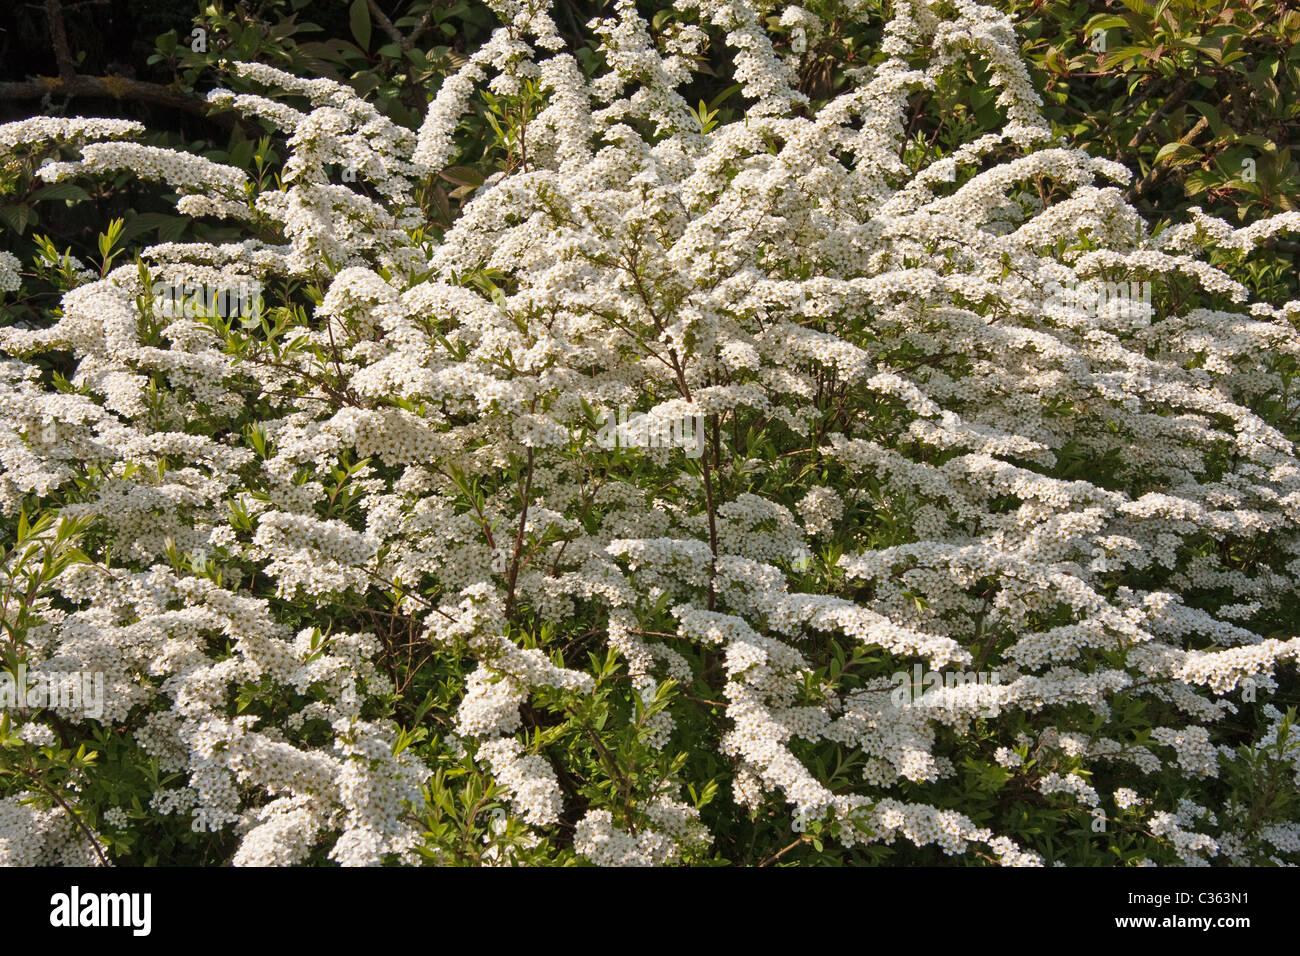 Spiraea Arguta Shrub With White Spring Flowers Stock Photo 36399357